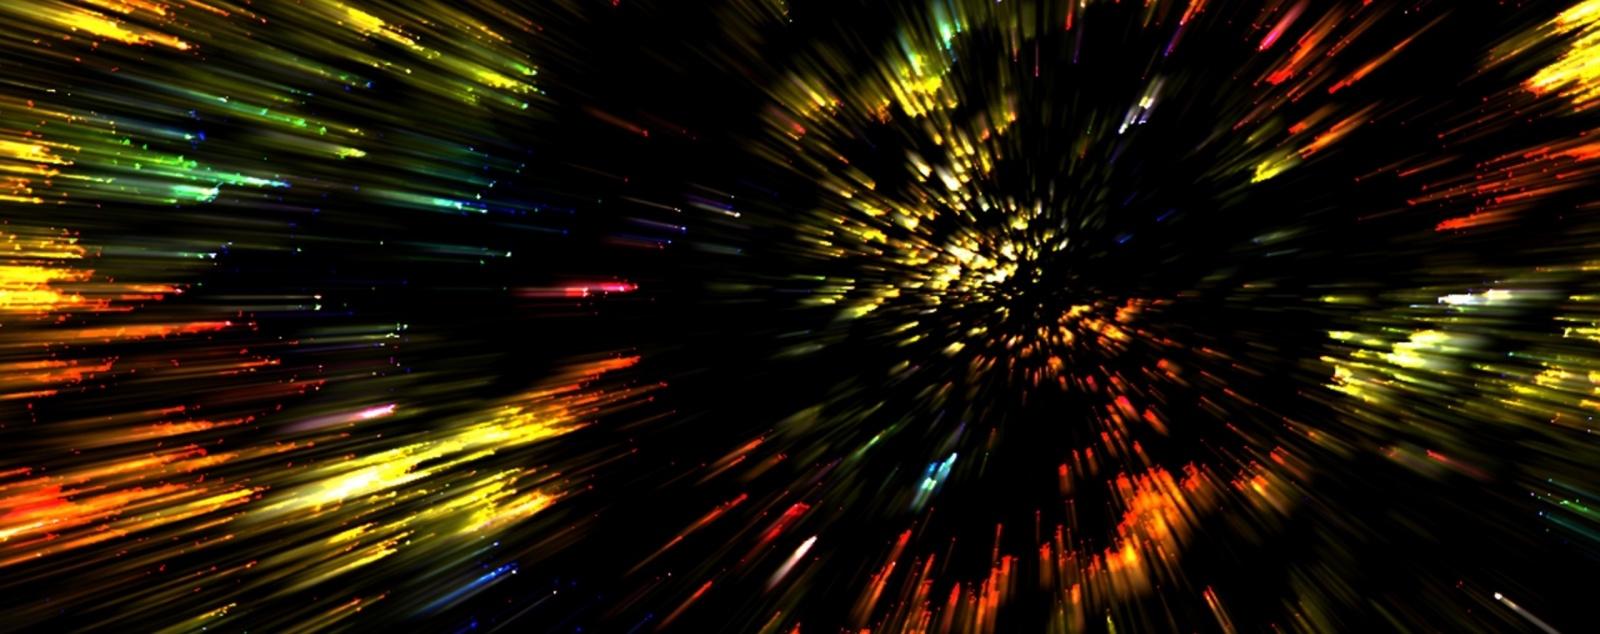 Мал, да удал: миниатюрный линейный ускоритель частиц, поставивший новый рекорд - 1